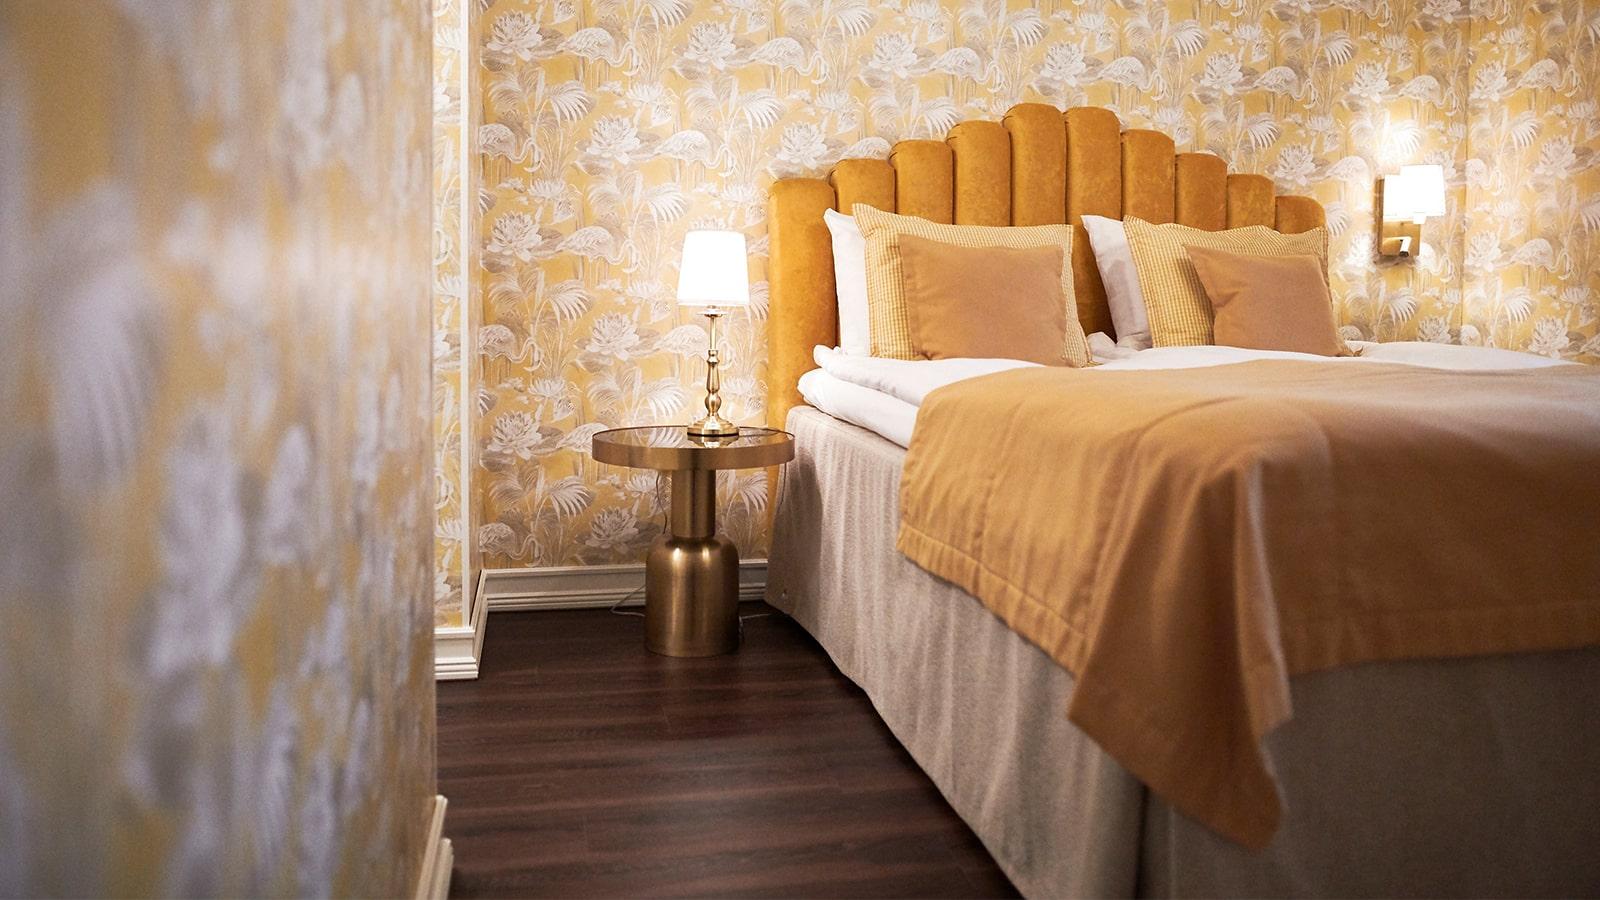 Hotelbett in einem Hotelzimmer